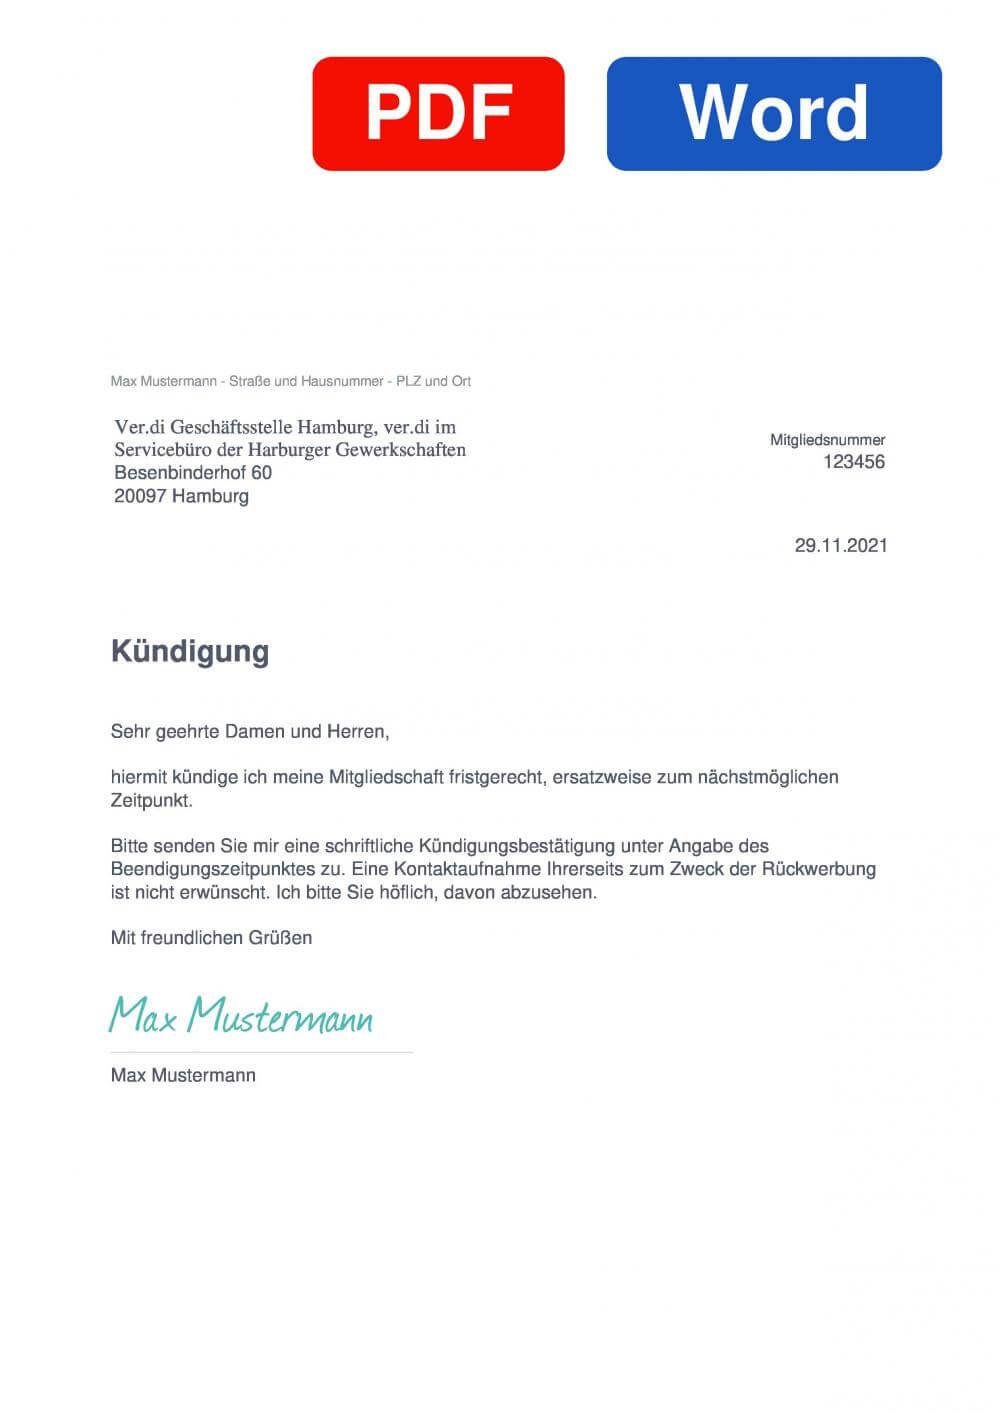 Verdi Hamburg kündigen - Muster Vorlage zur Kündigung